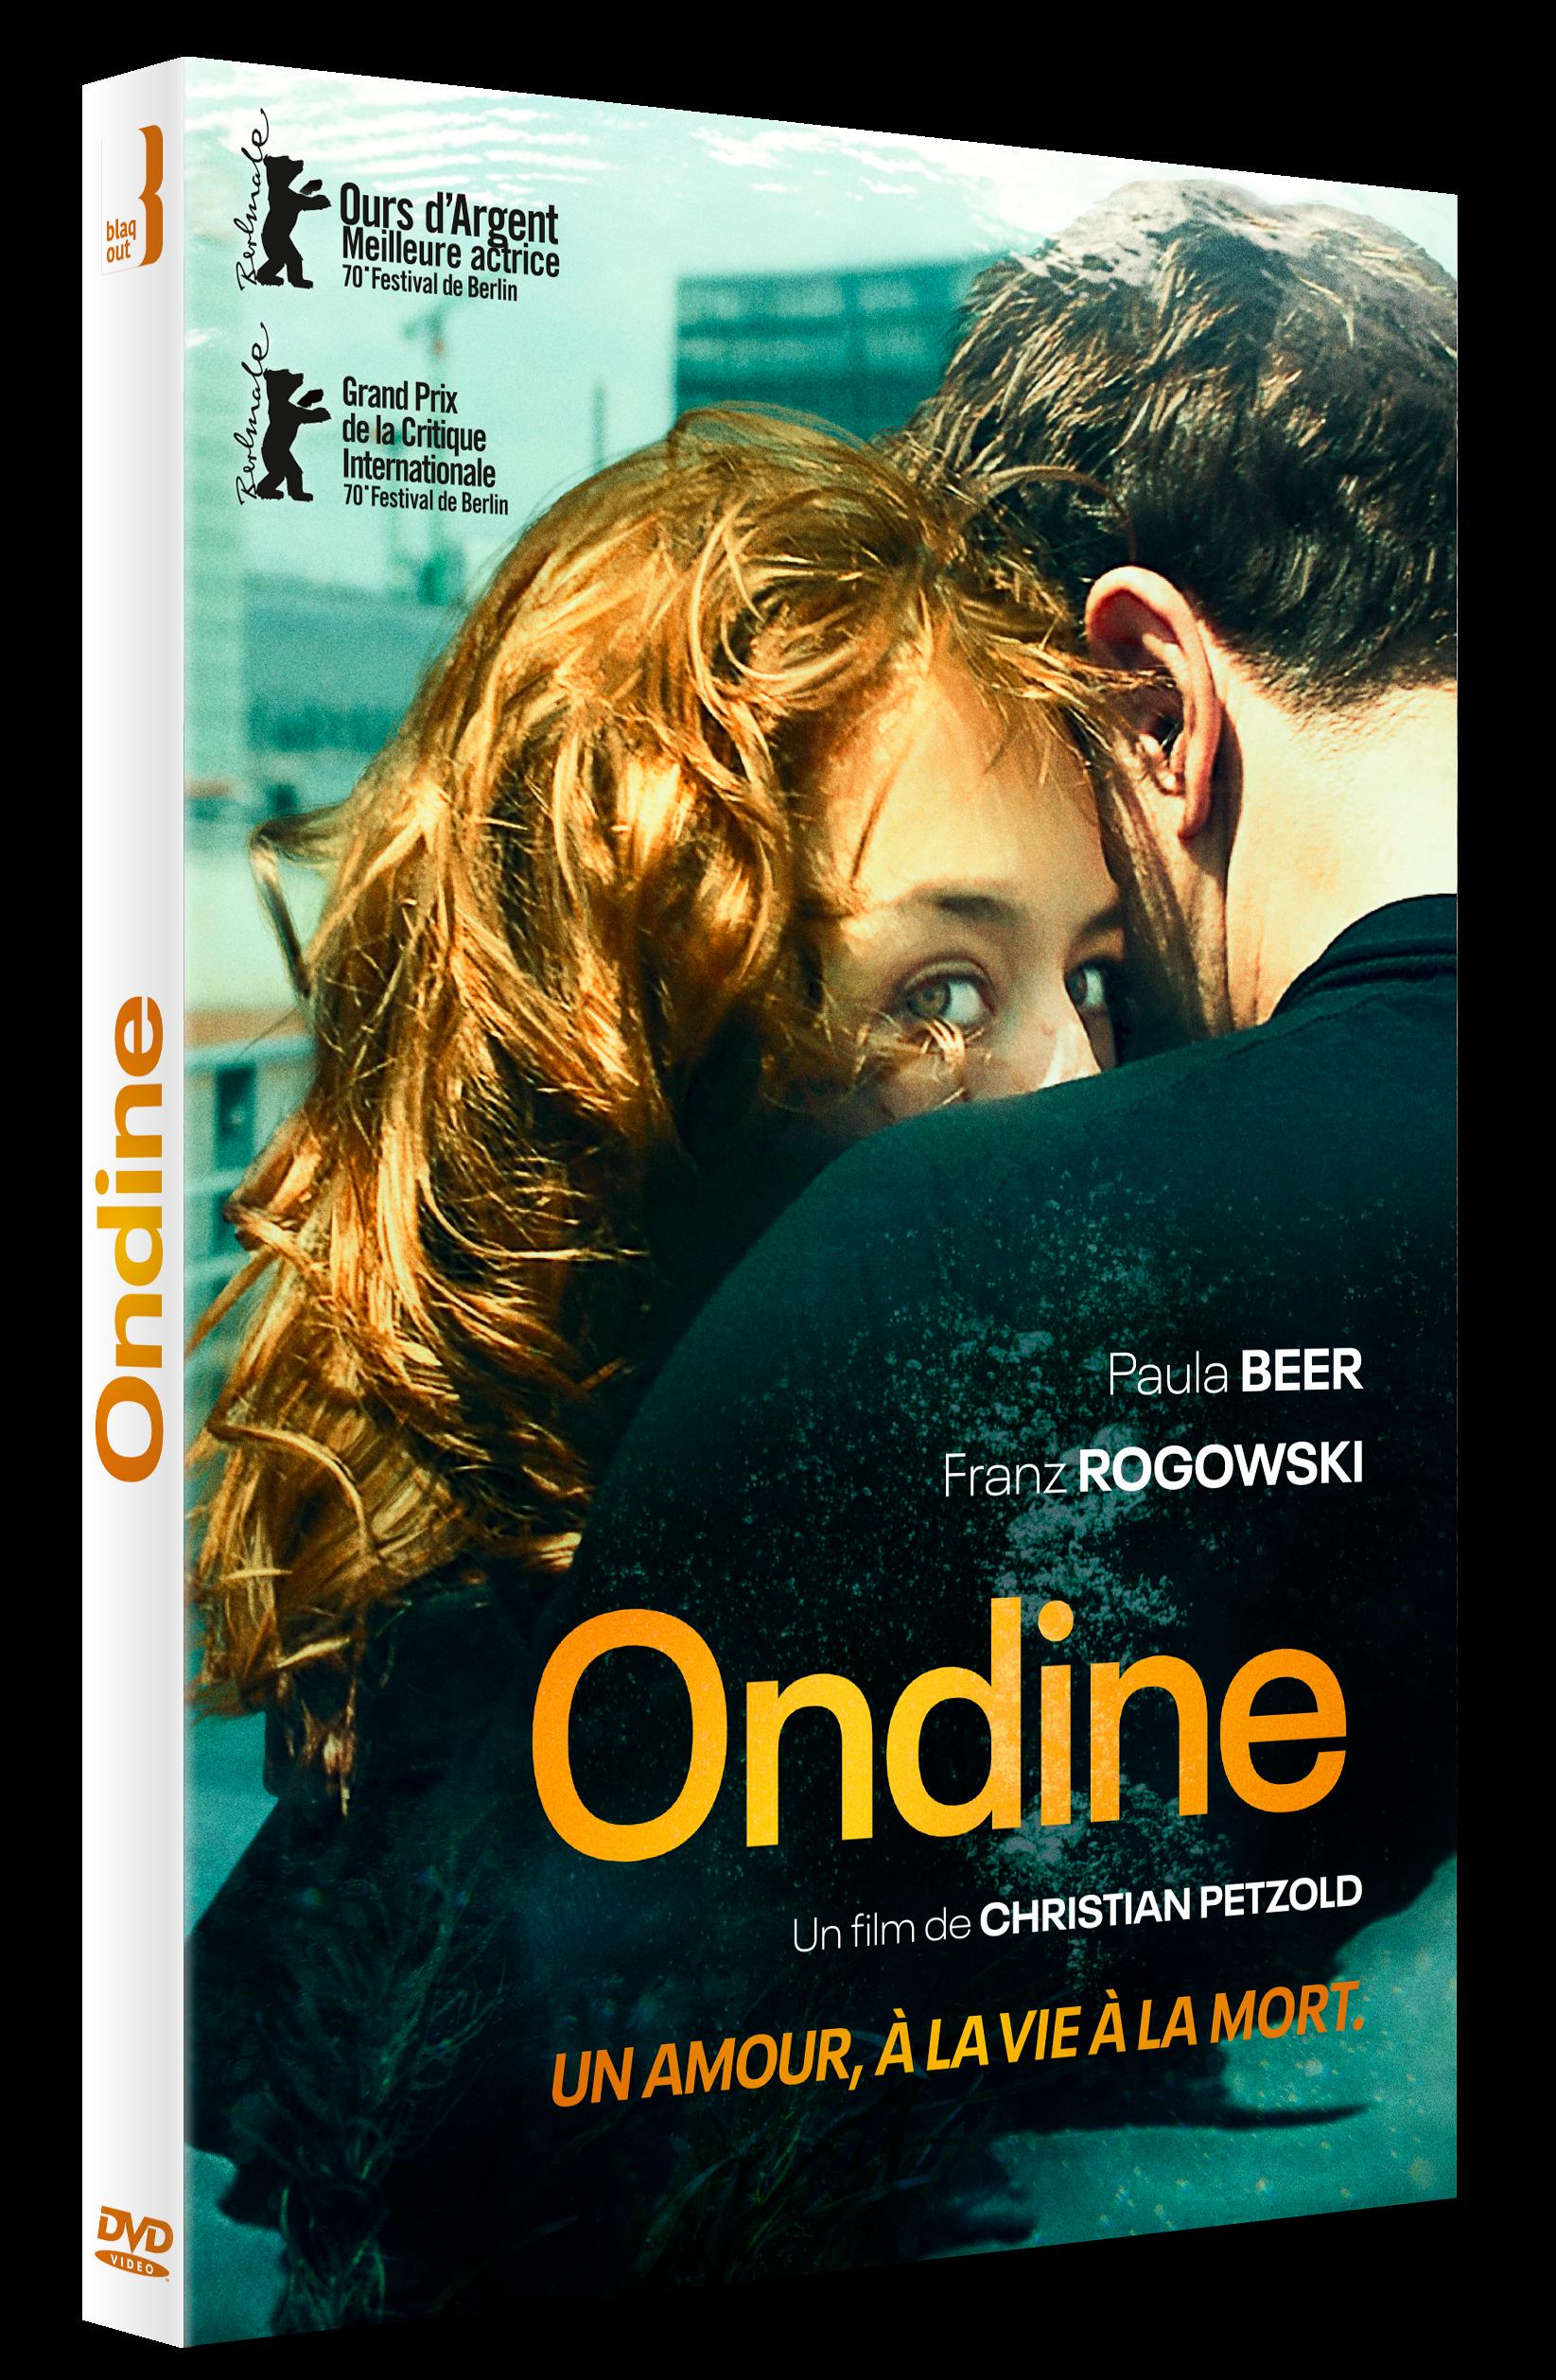 ONDINE